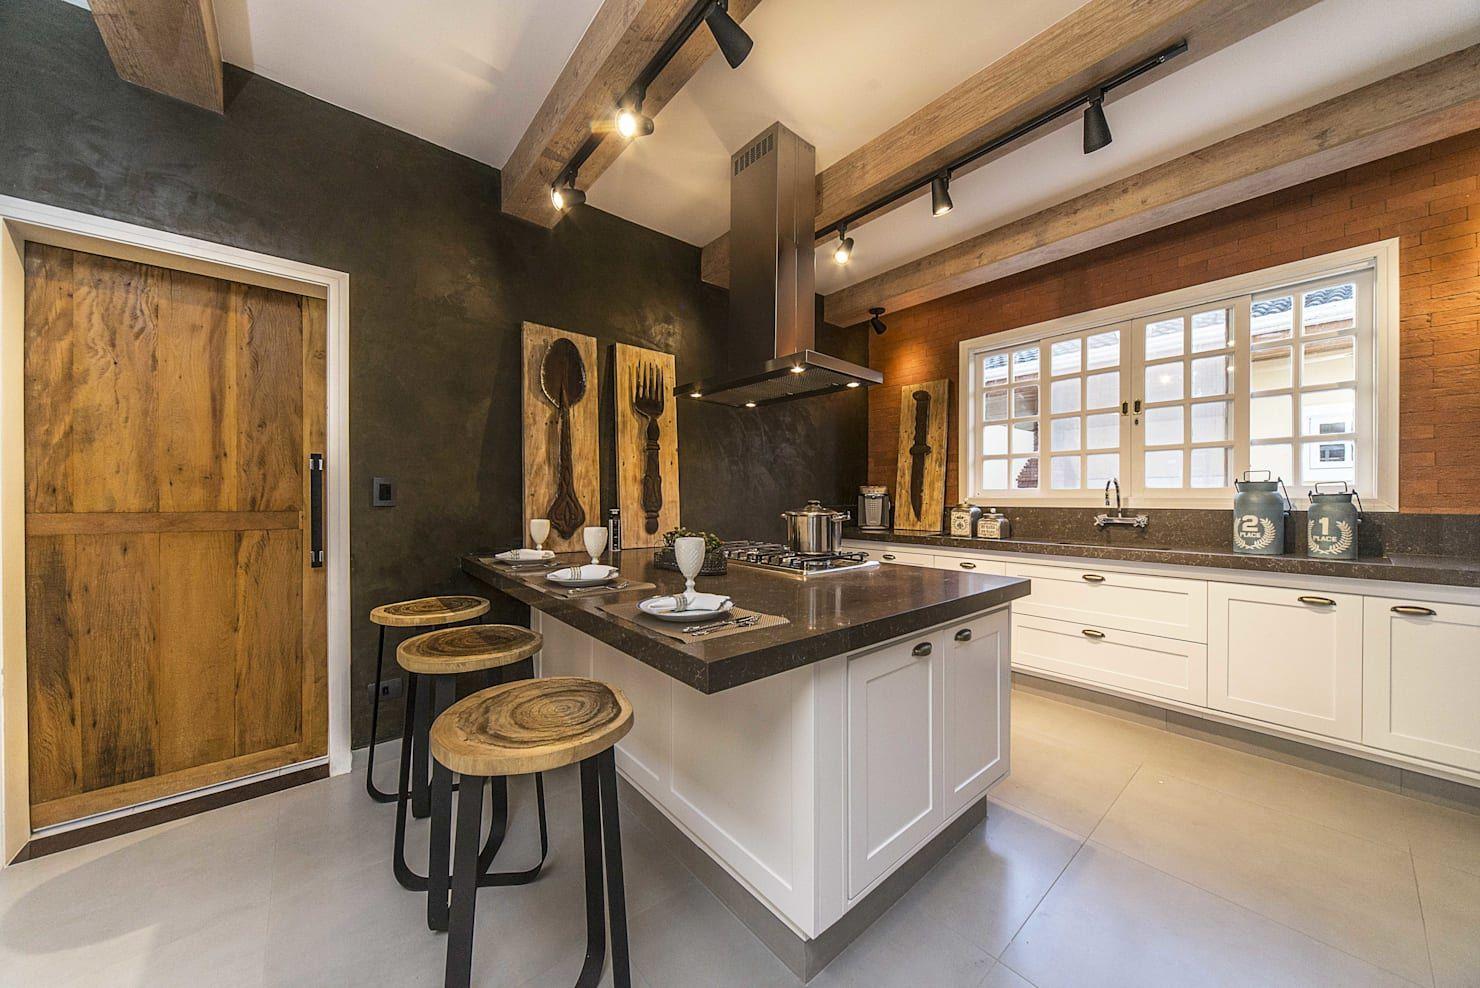 AuBergewohnlich Die Moderne Küche Ist Viel Mehr Als Nur Ein Arbeitsplatz. Sie Ist Ein Ort,